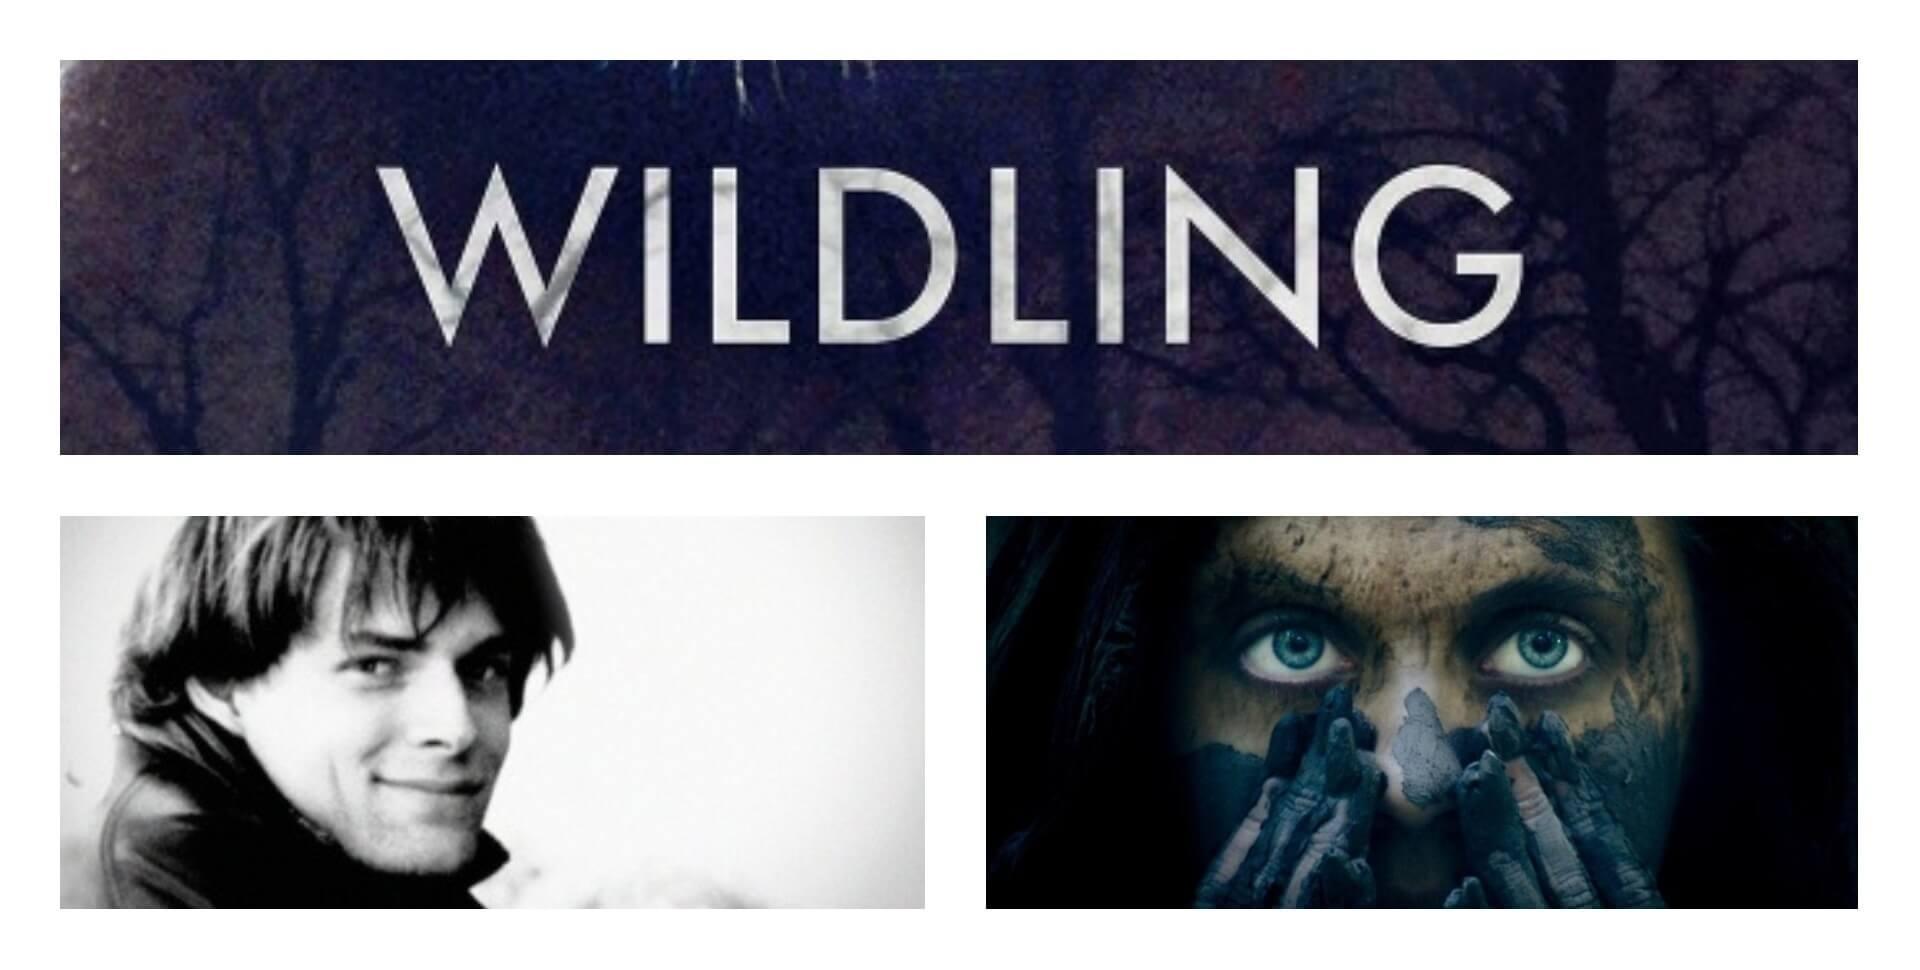 Wildling - Interview with Fritz Böhm